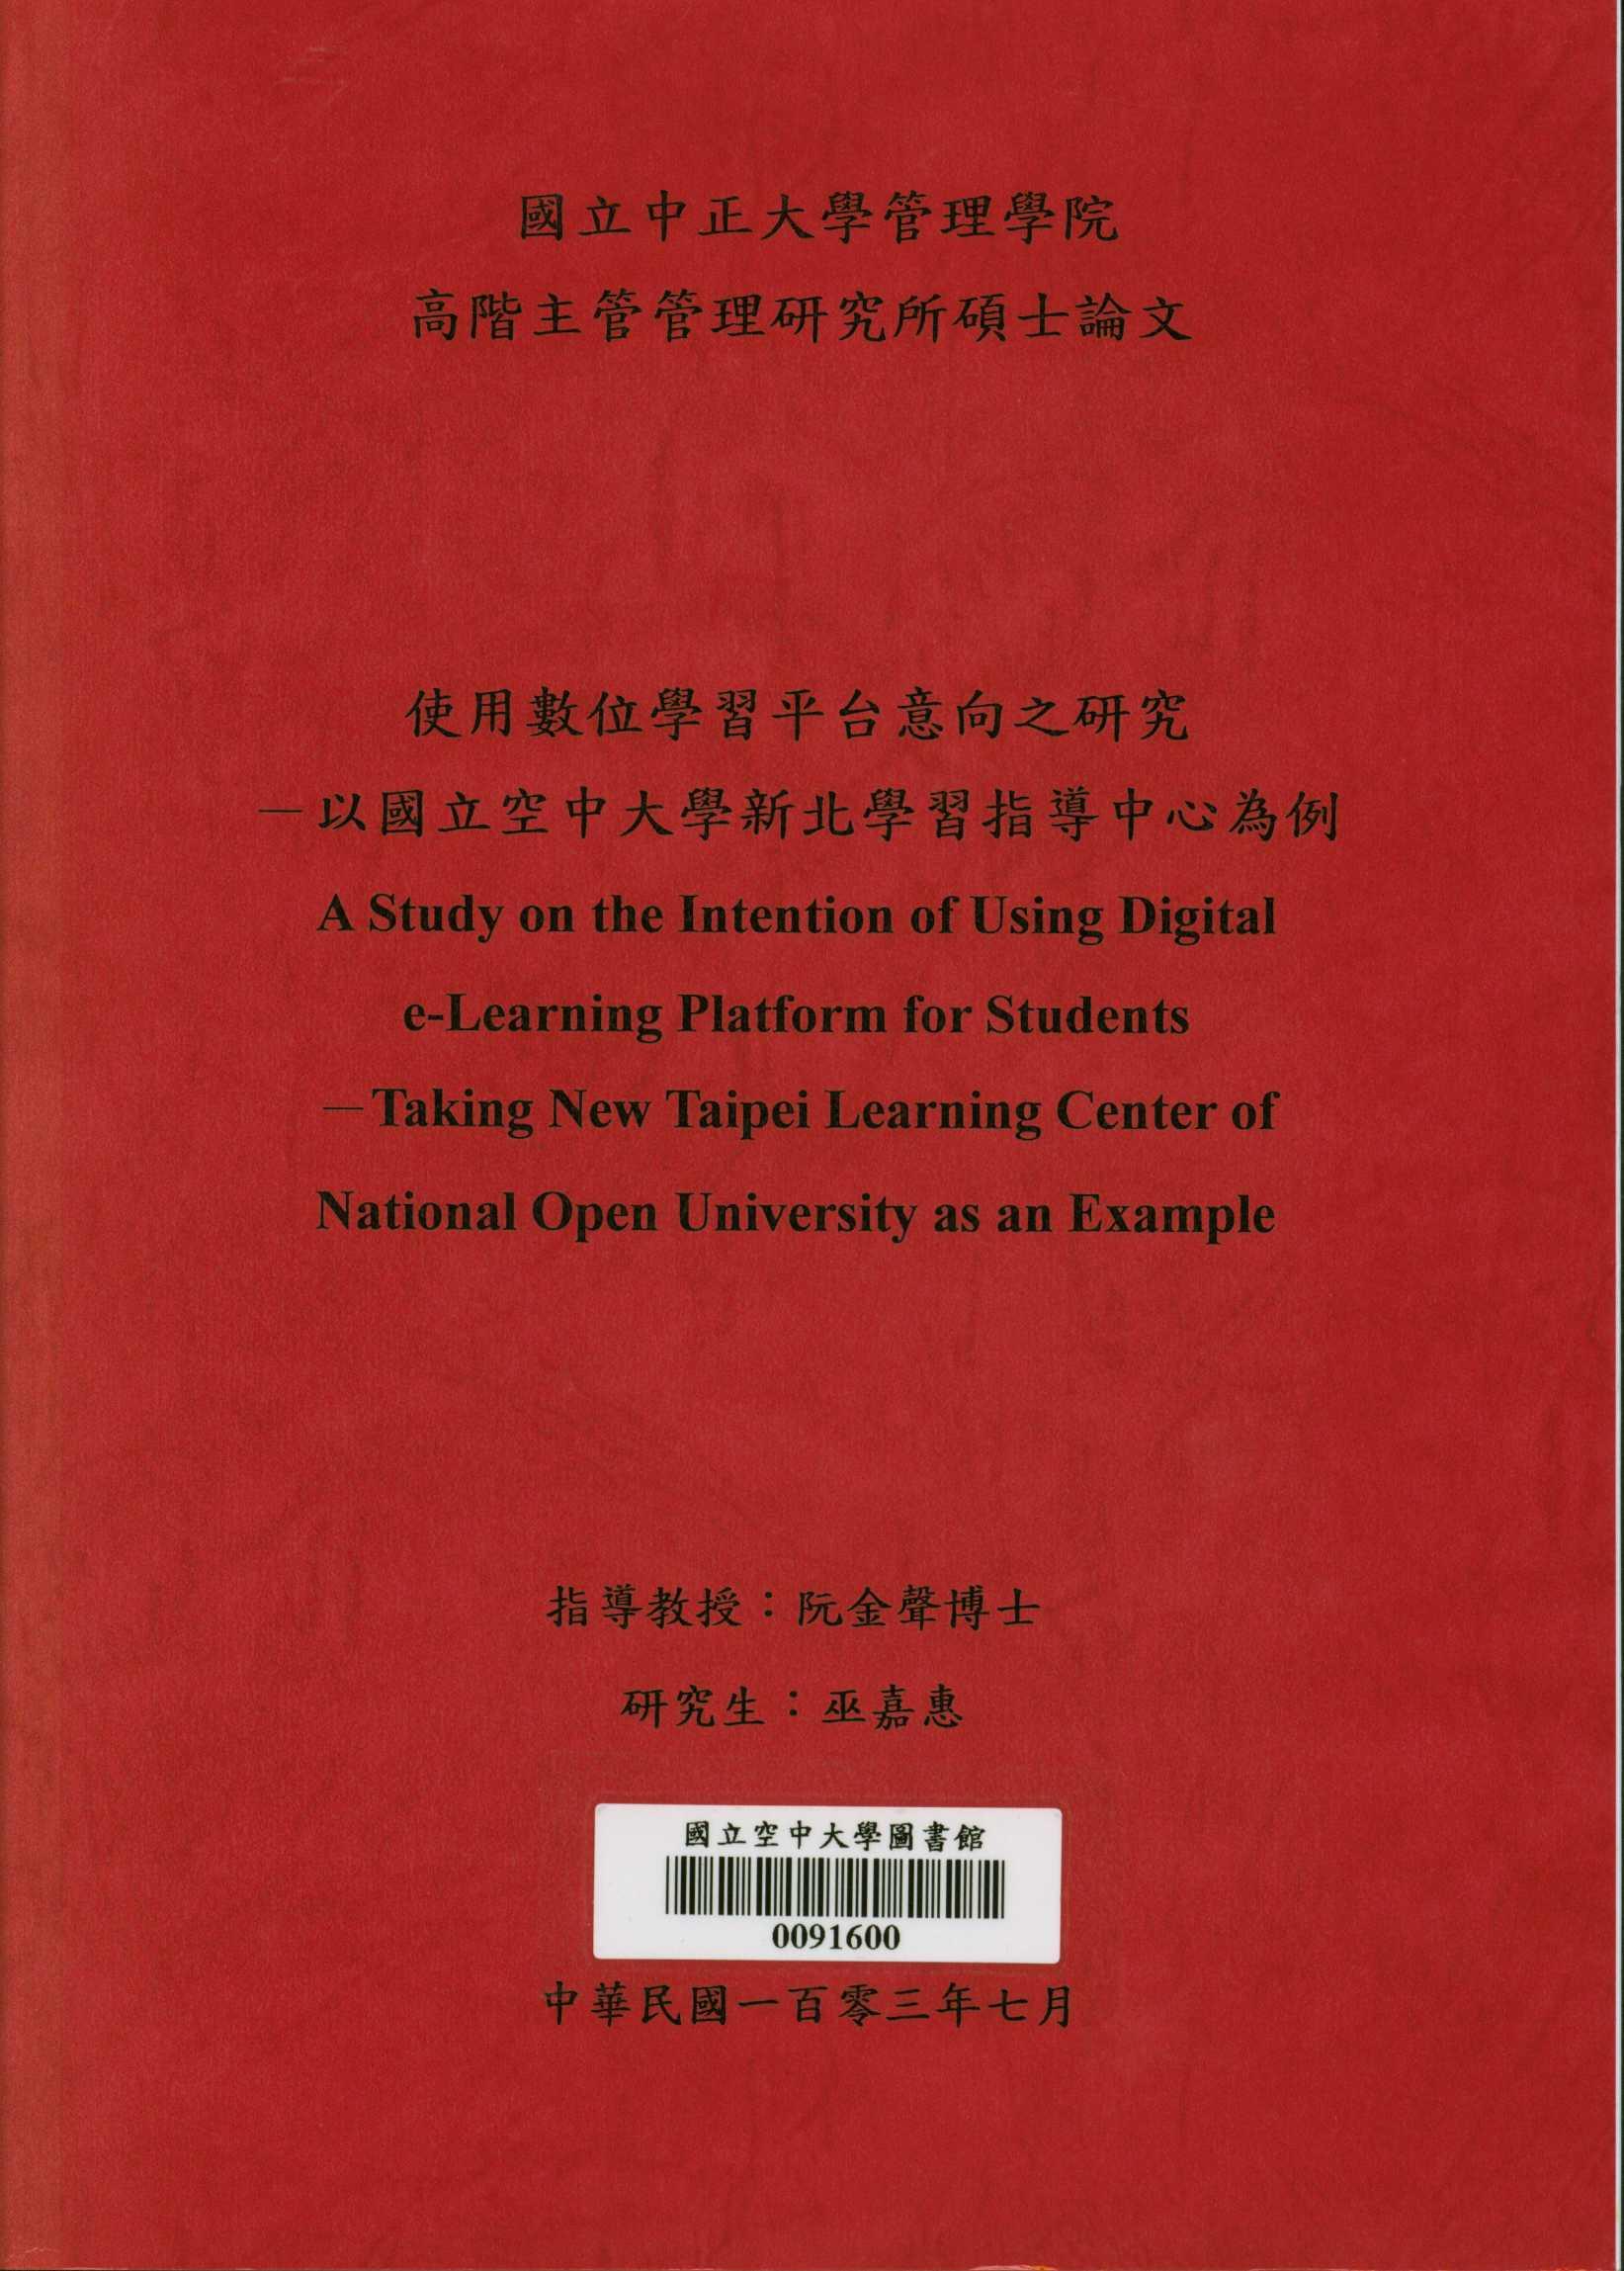 使用數位學習平臺意向之研究 : 以國立空中大學新北學習指導中心為例 = A study on the intention of using digital e-learning platform for students : taking New Taipei Learning Center of National Open University as an example